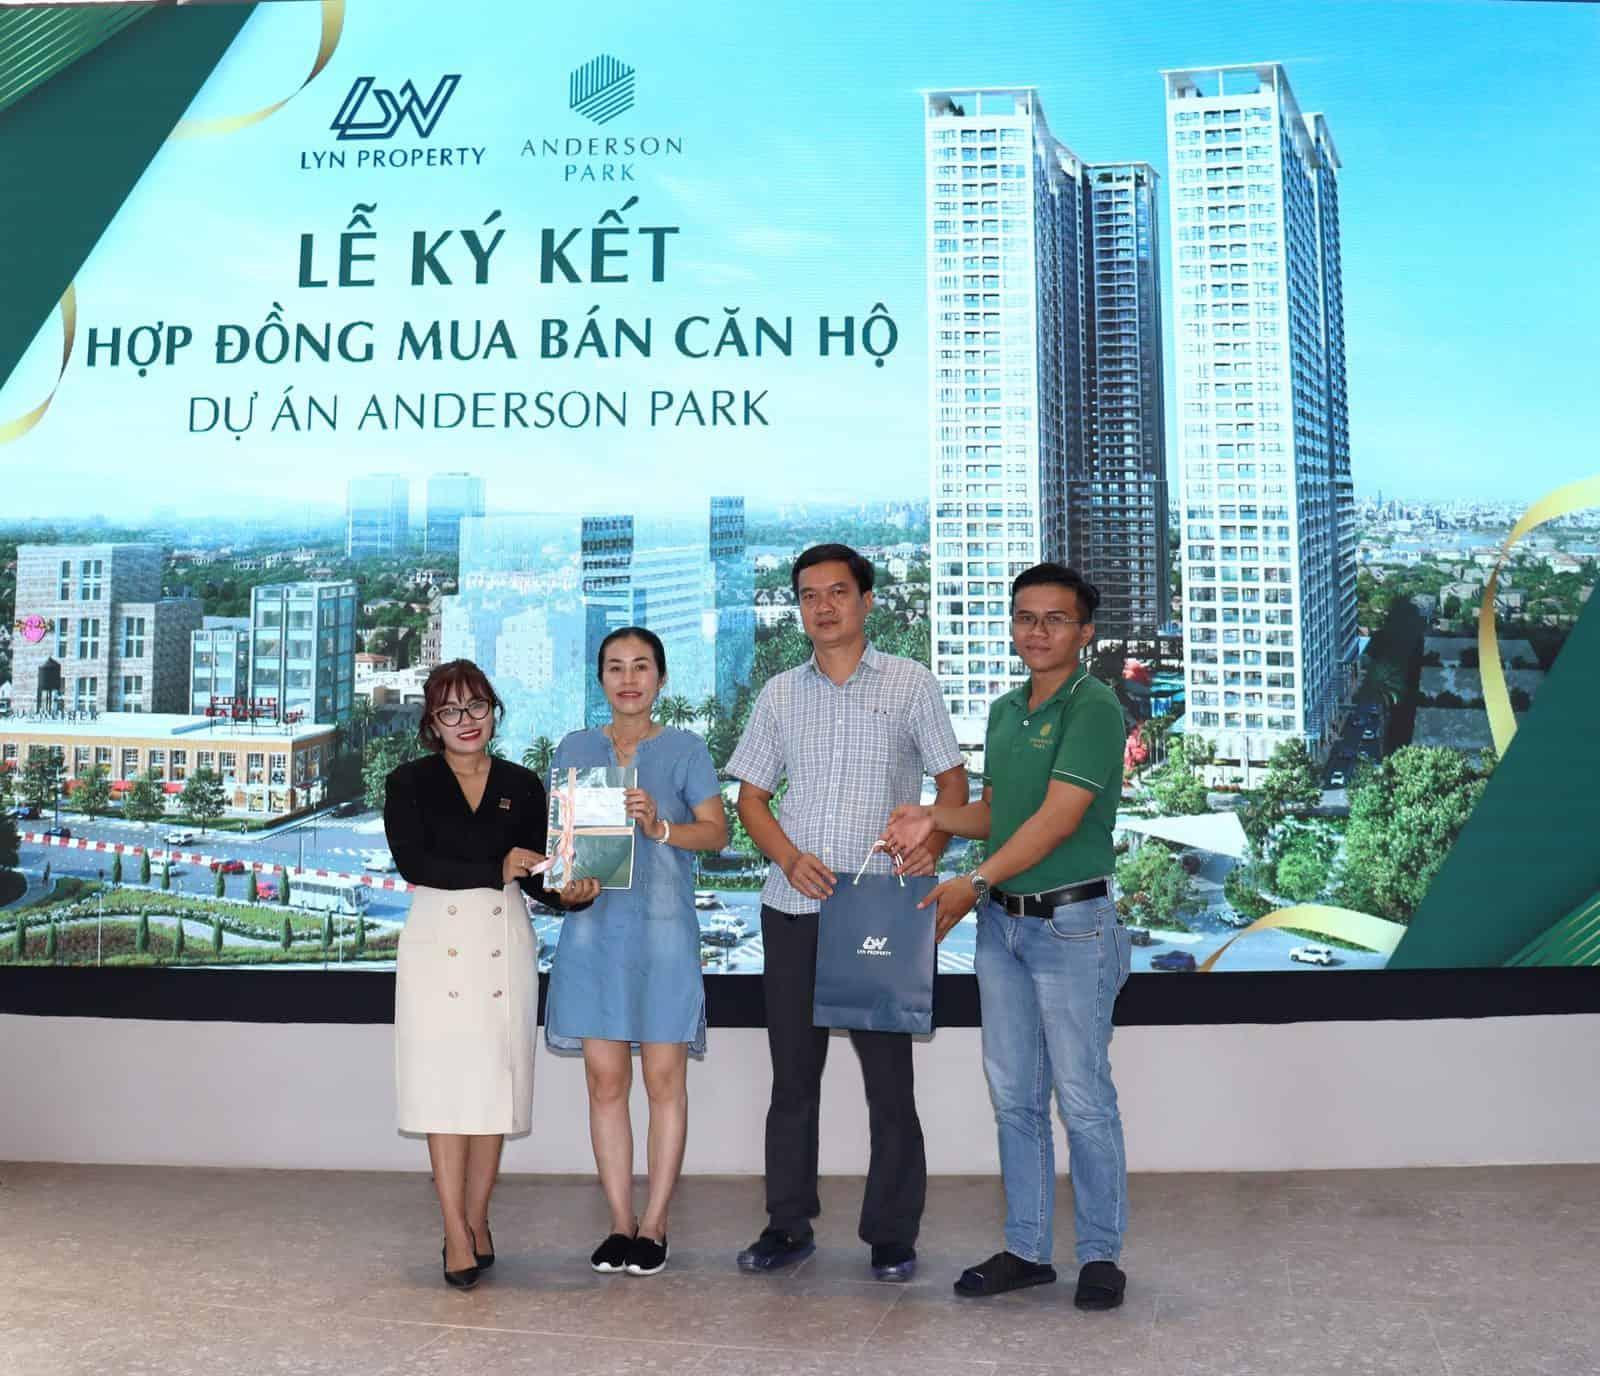 Lễ ký kết hợp đồng mua bán căn hộ Anderson Park – Cột mốc quan trọng tạo niềm tin và động lực cho khách hàng